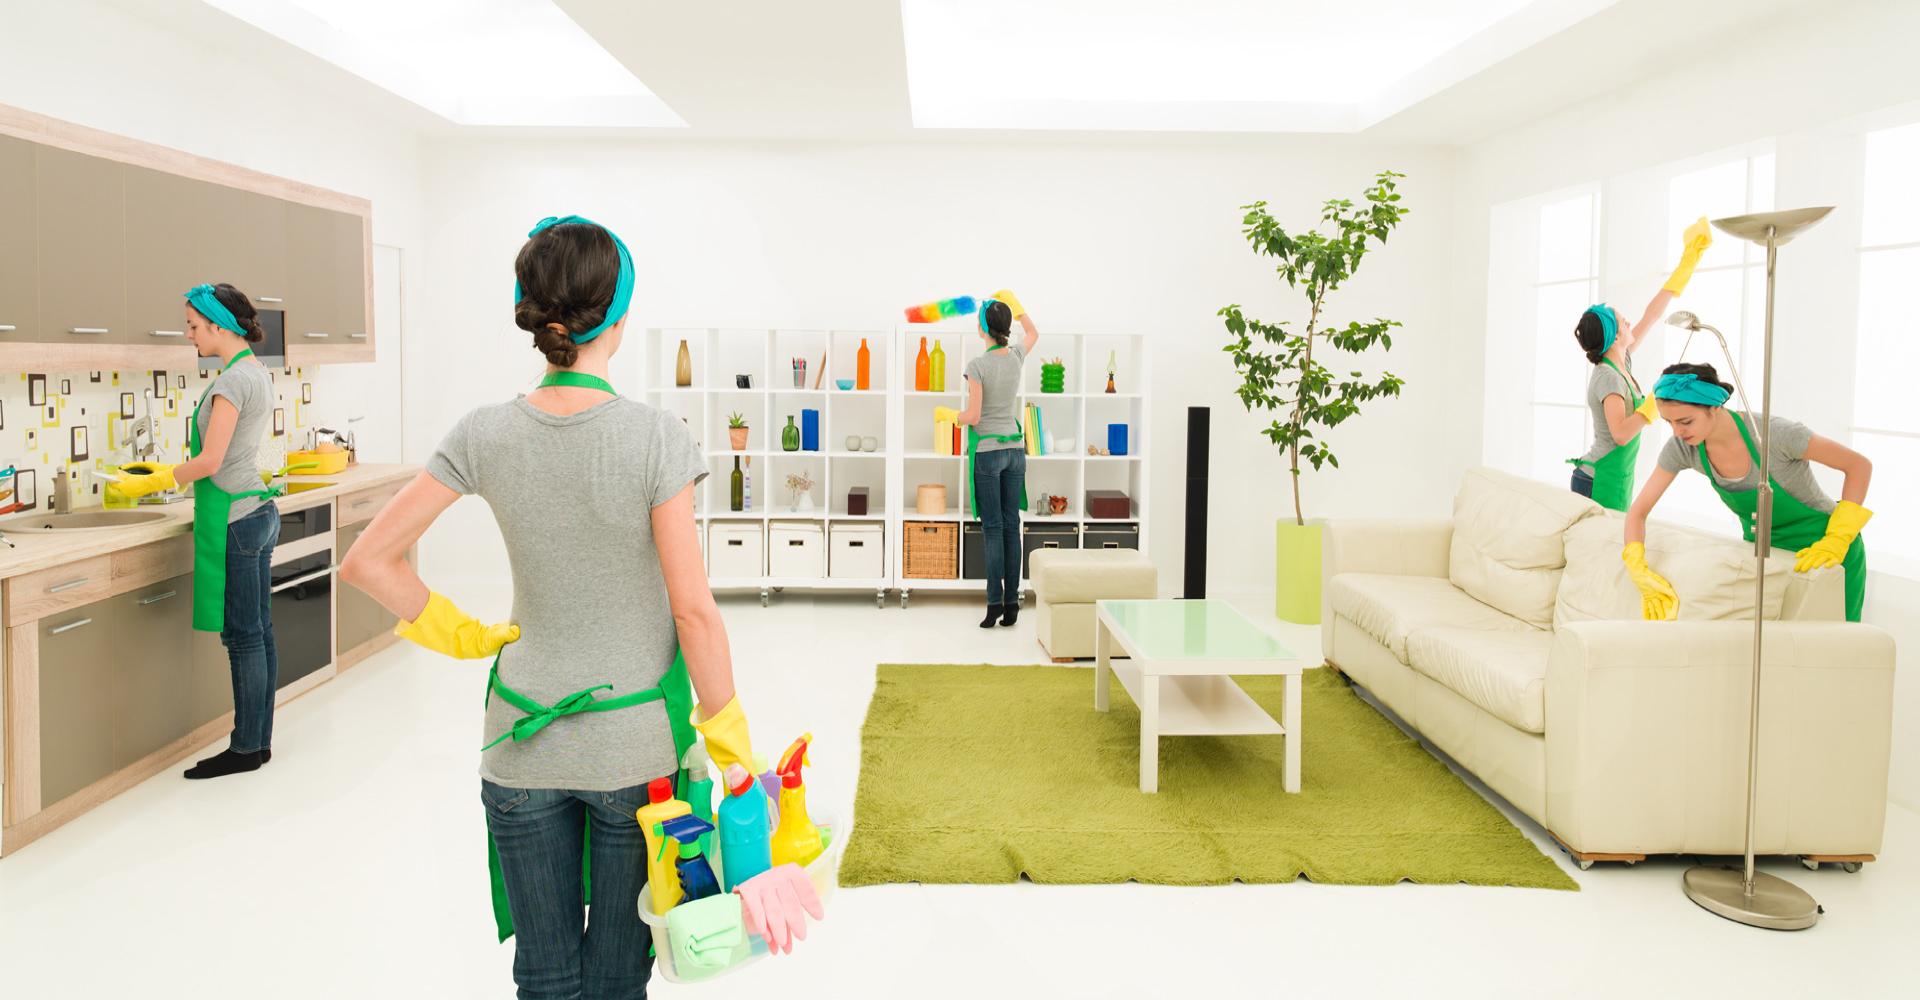 صور شركة تنظيف بالرياض , خدمات منزلية فى وقت وجيز بالرياض